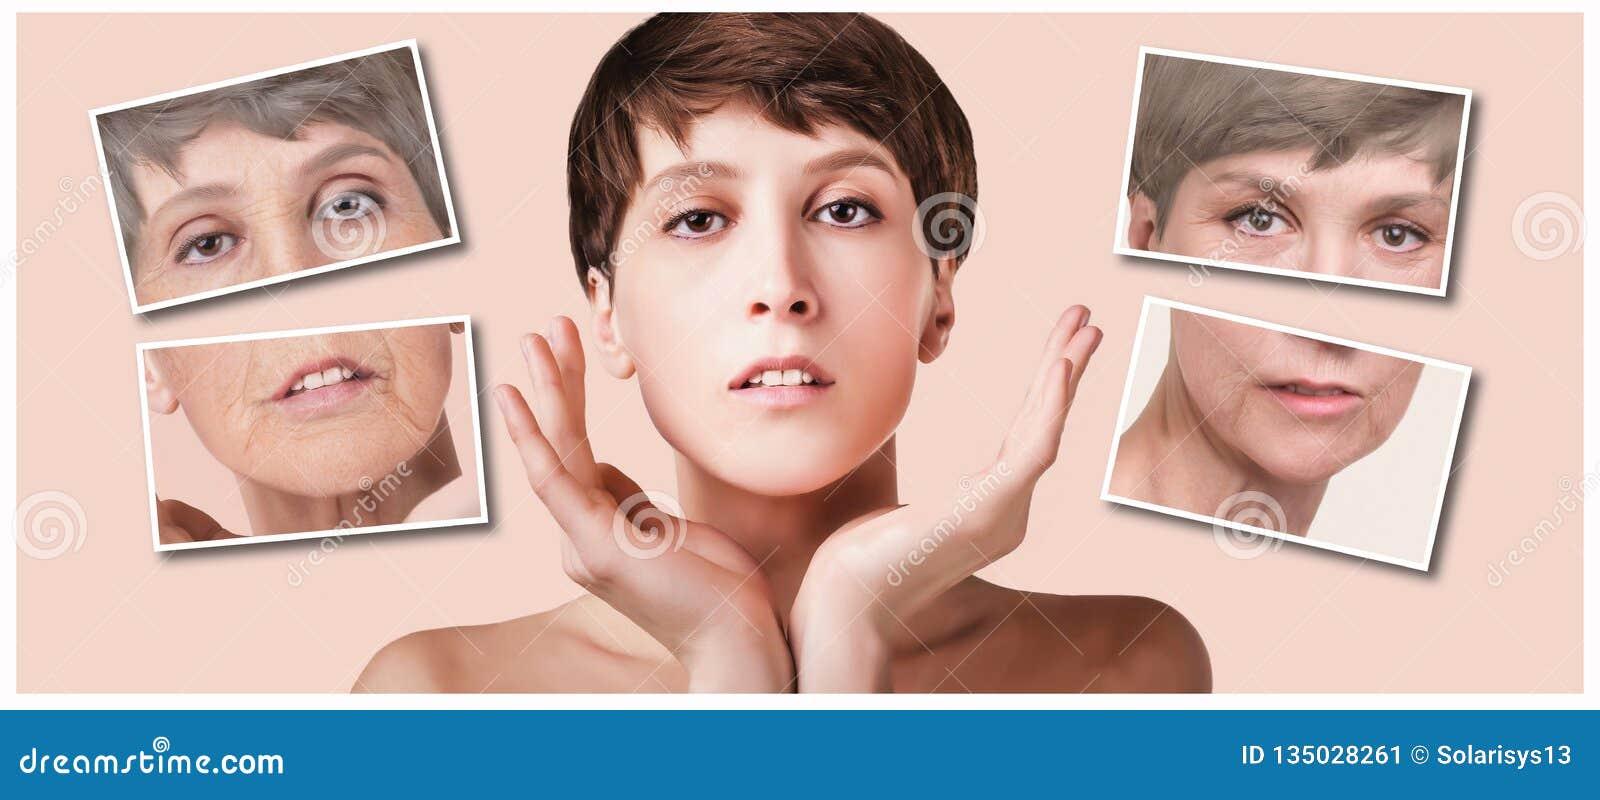 Tratamento antienvelhecimento, da beleza, envelhecimento e juventude, levantando, skincare, conceito da cirurgia plástica